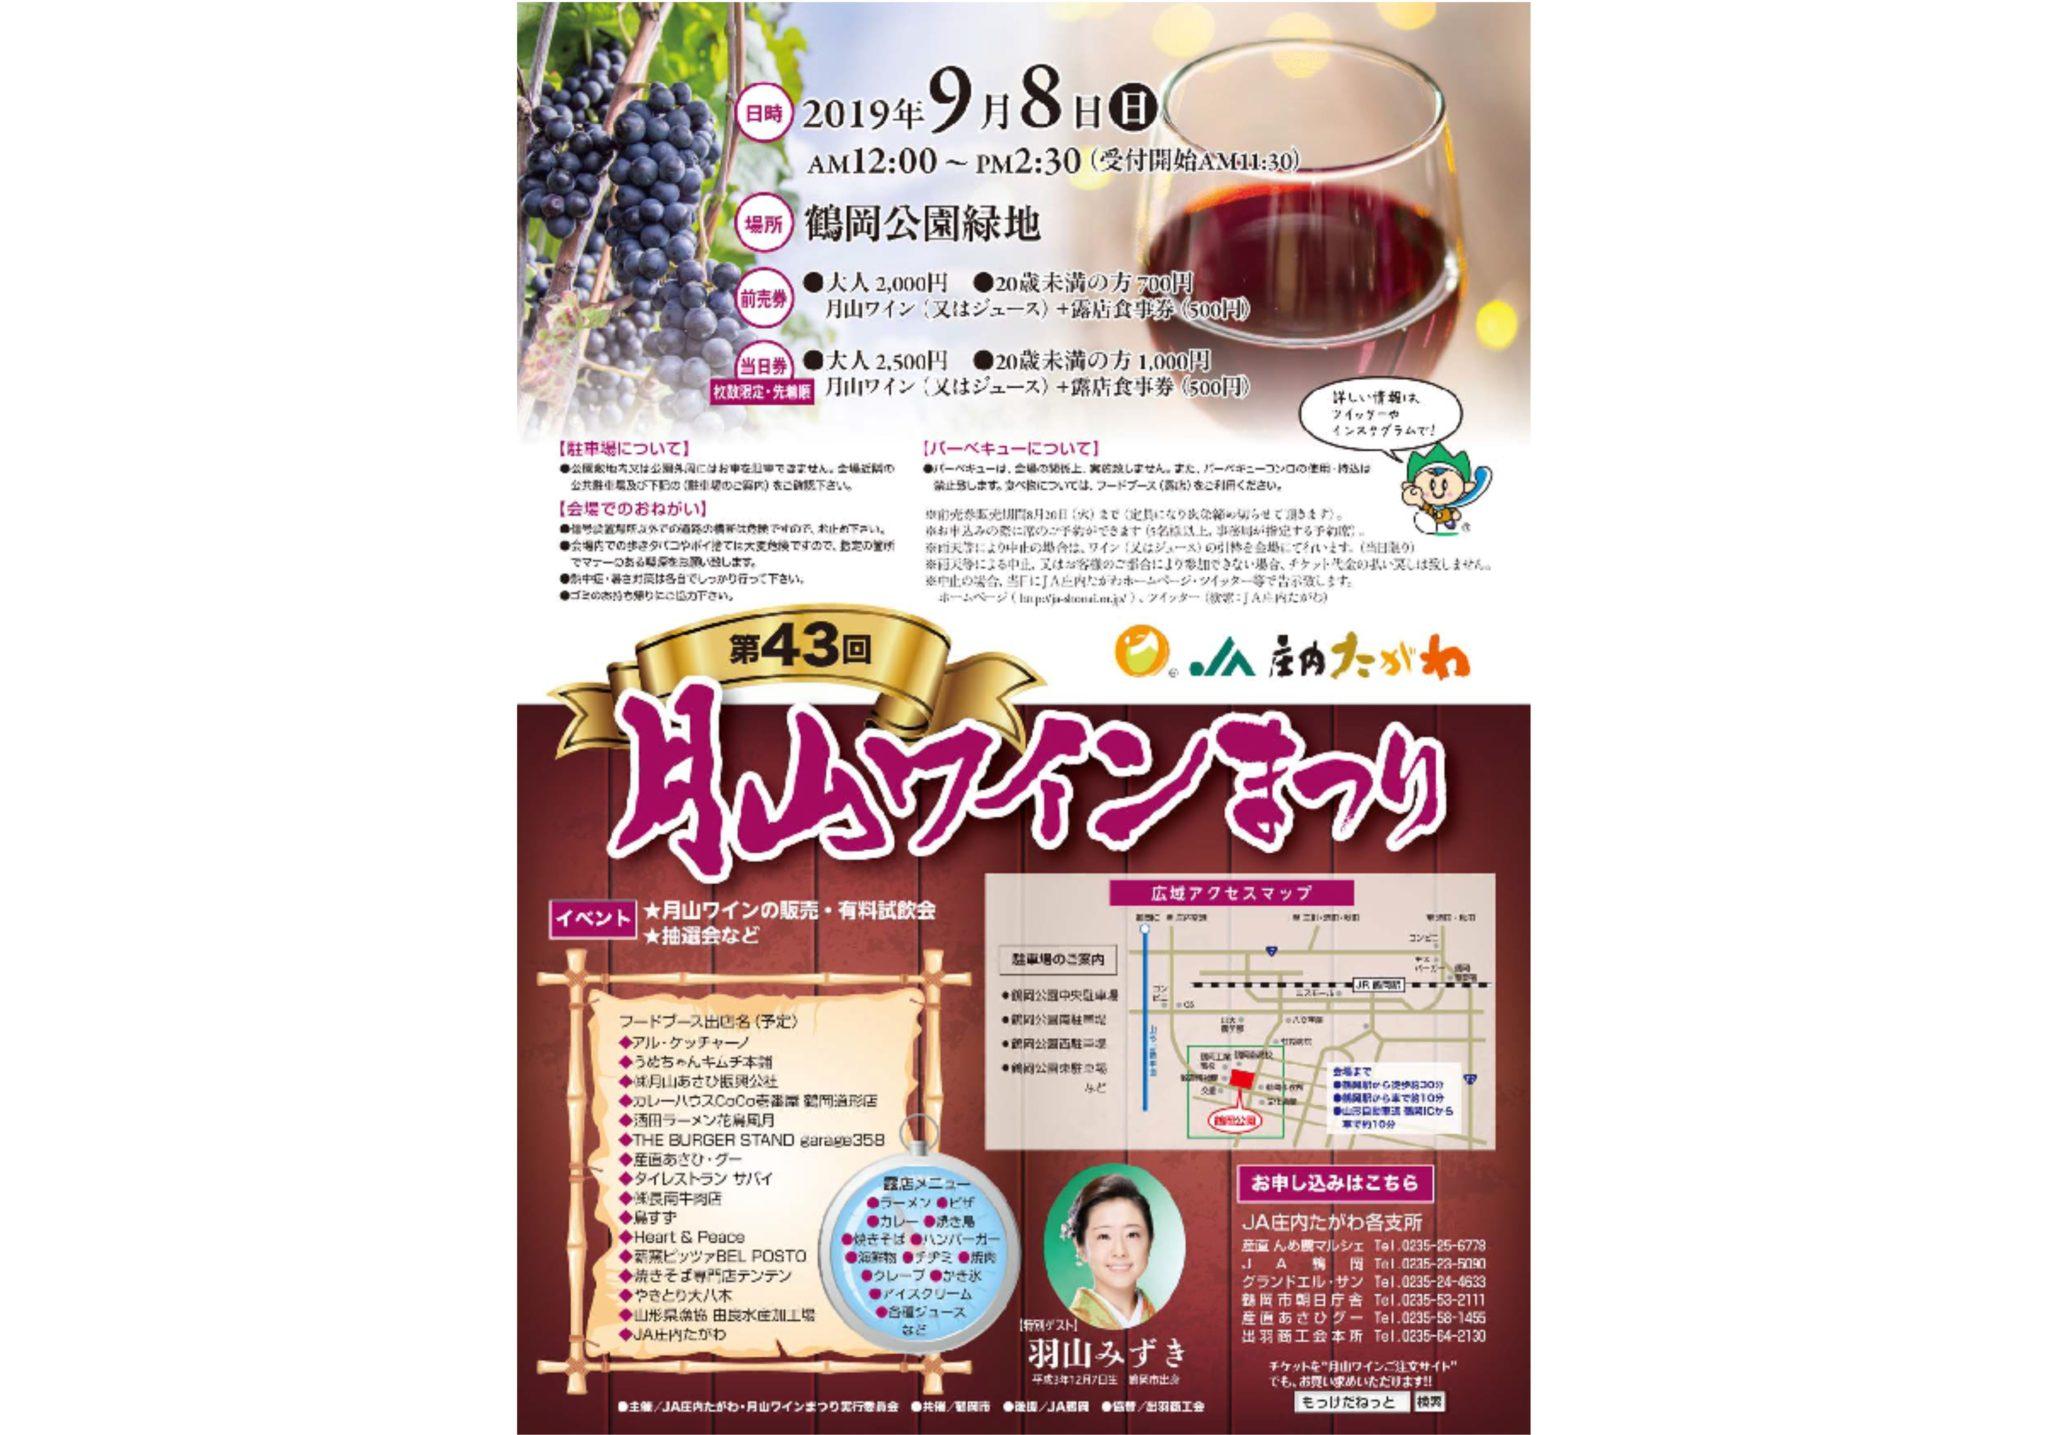 第43回月山ワインまつり